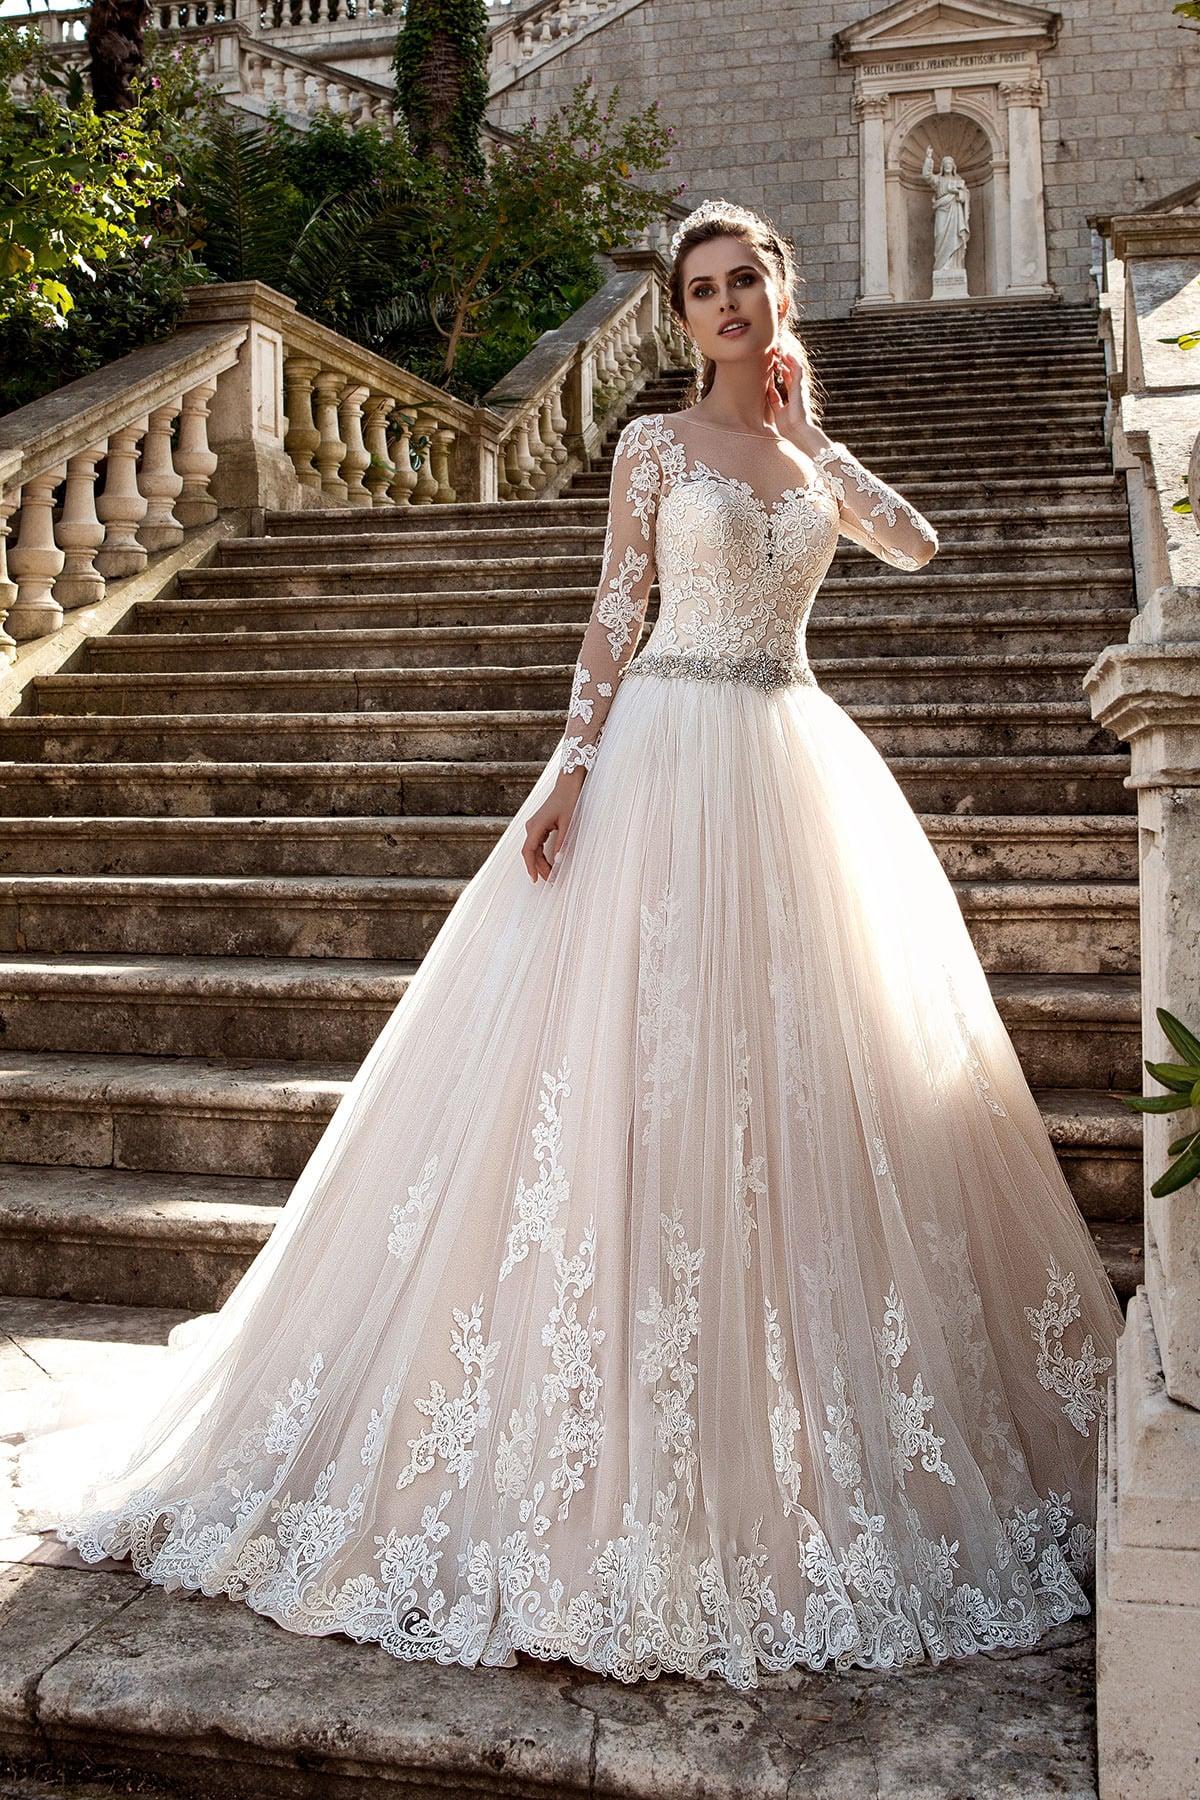 58a785b64cf Пышное свадебное платье изысканного бежевого цвета с длинными  полупрозрачными рукавами.